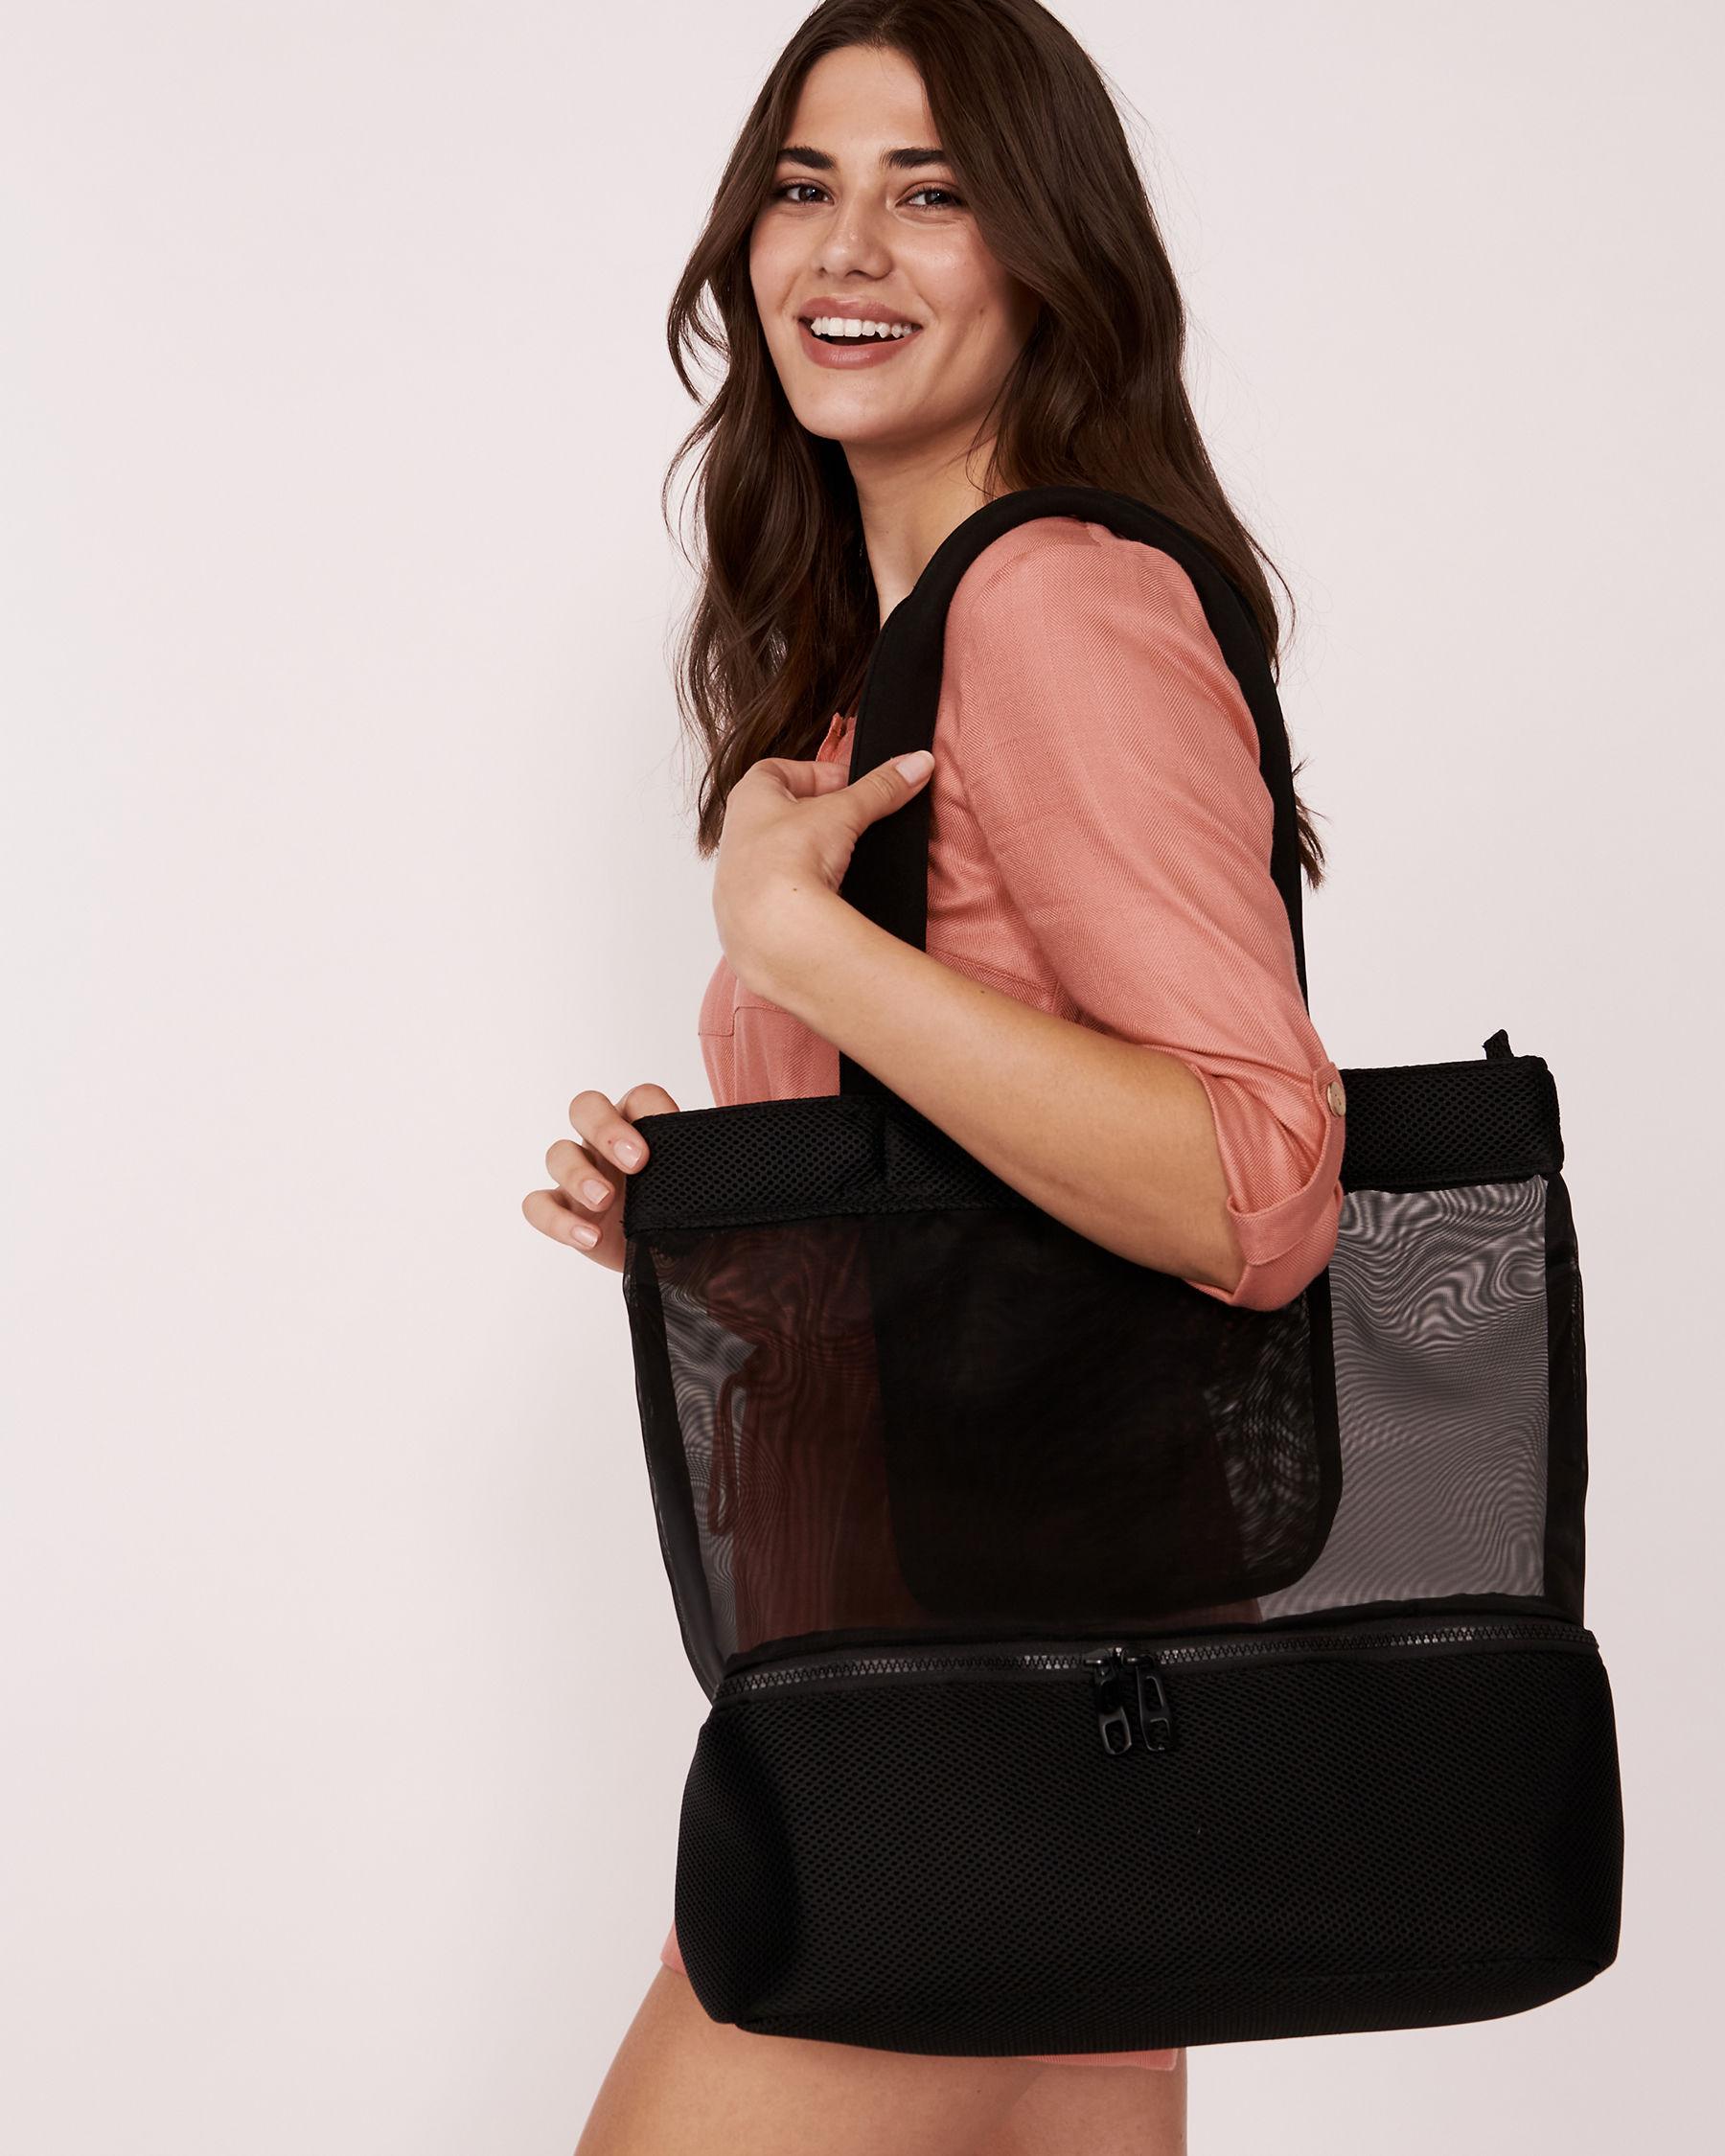 LA VIE EN ROSE AQUA Black Zipper Bag Black 671-661-0-11 - View3